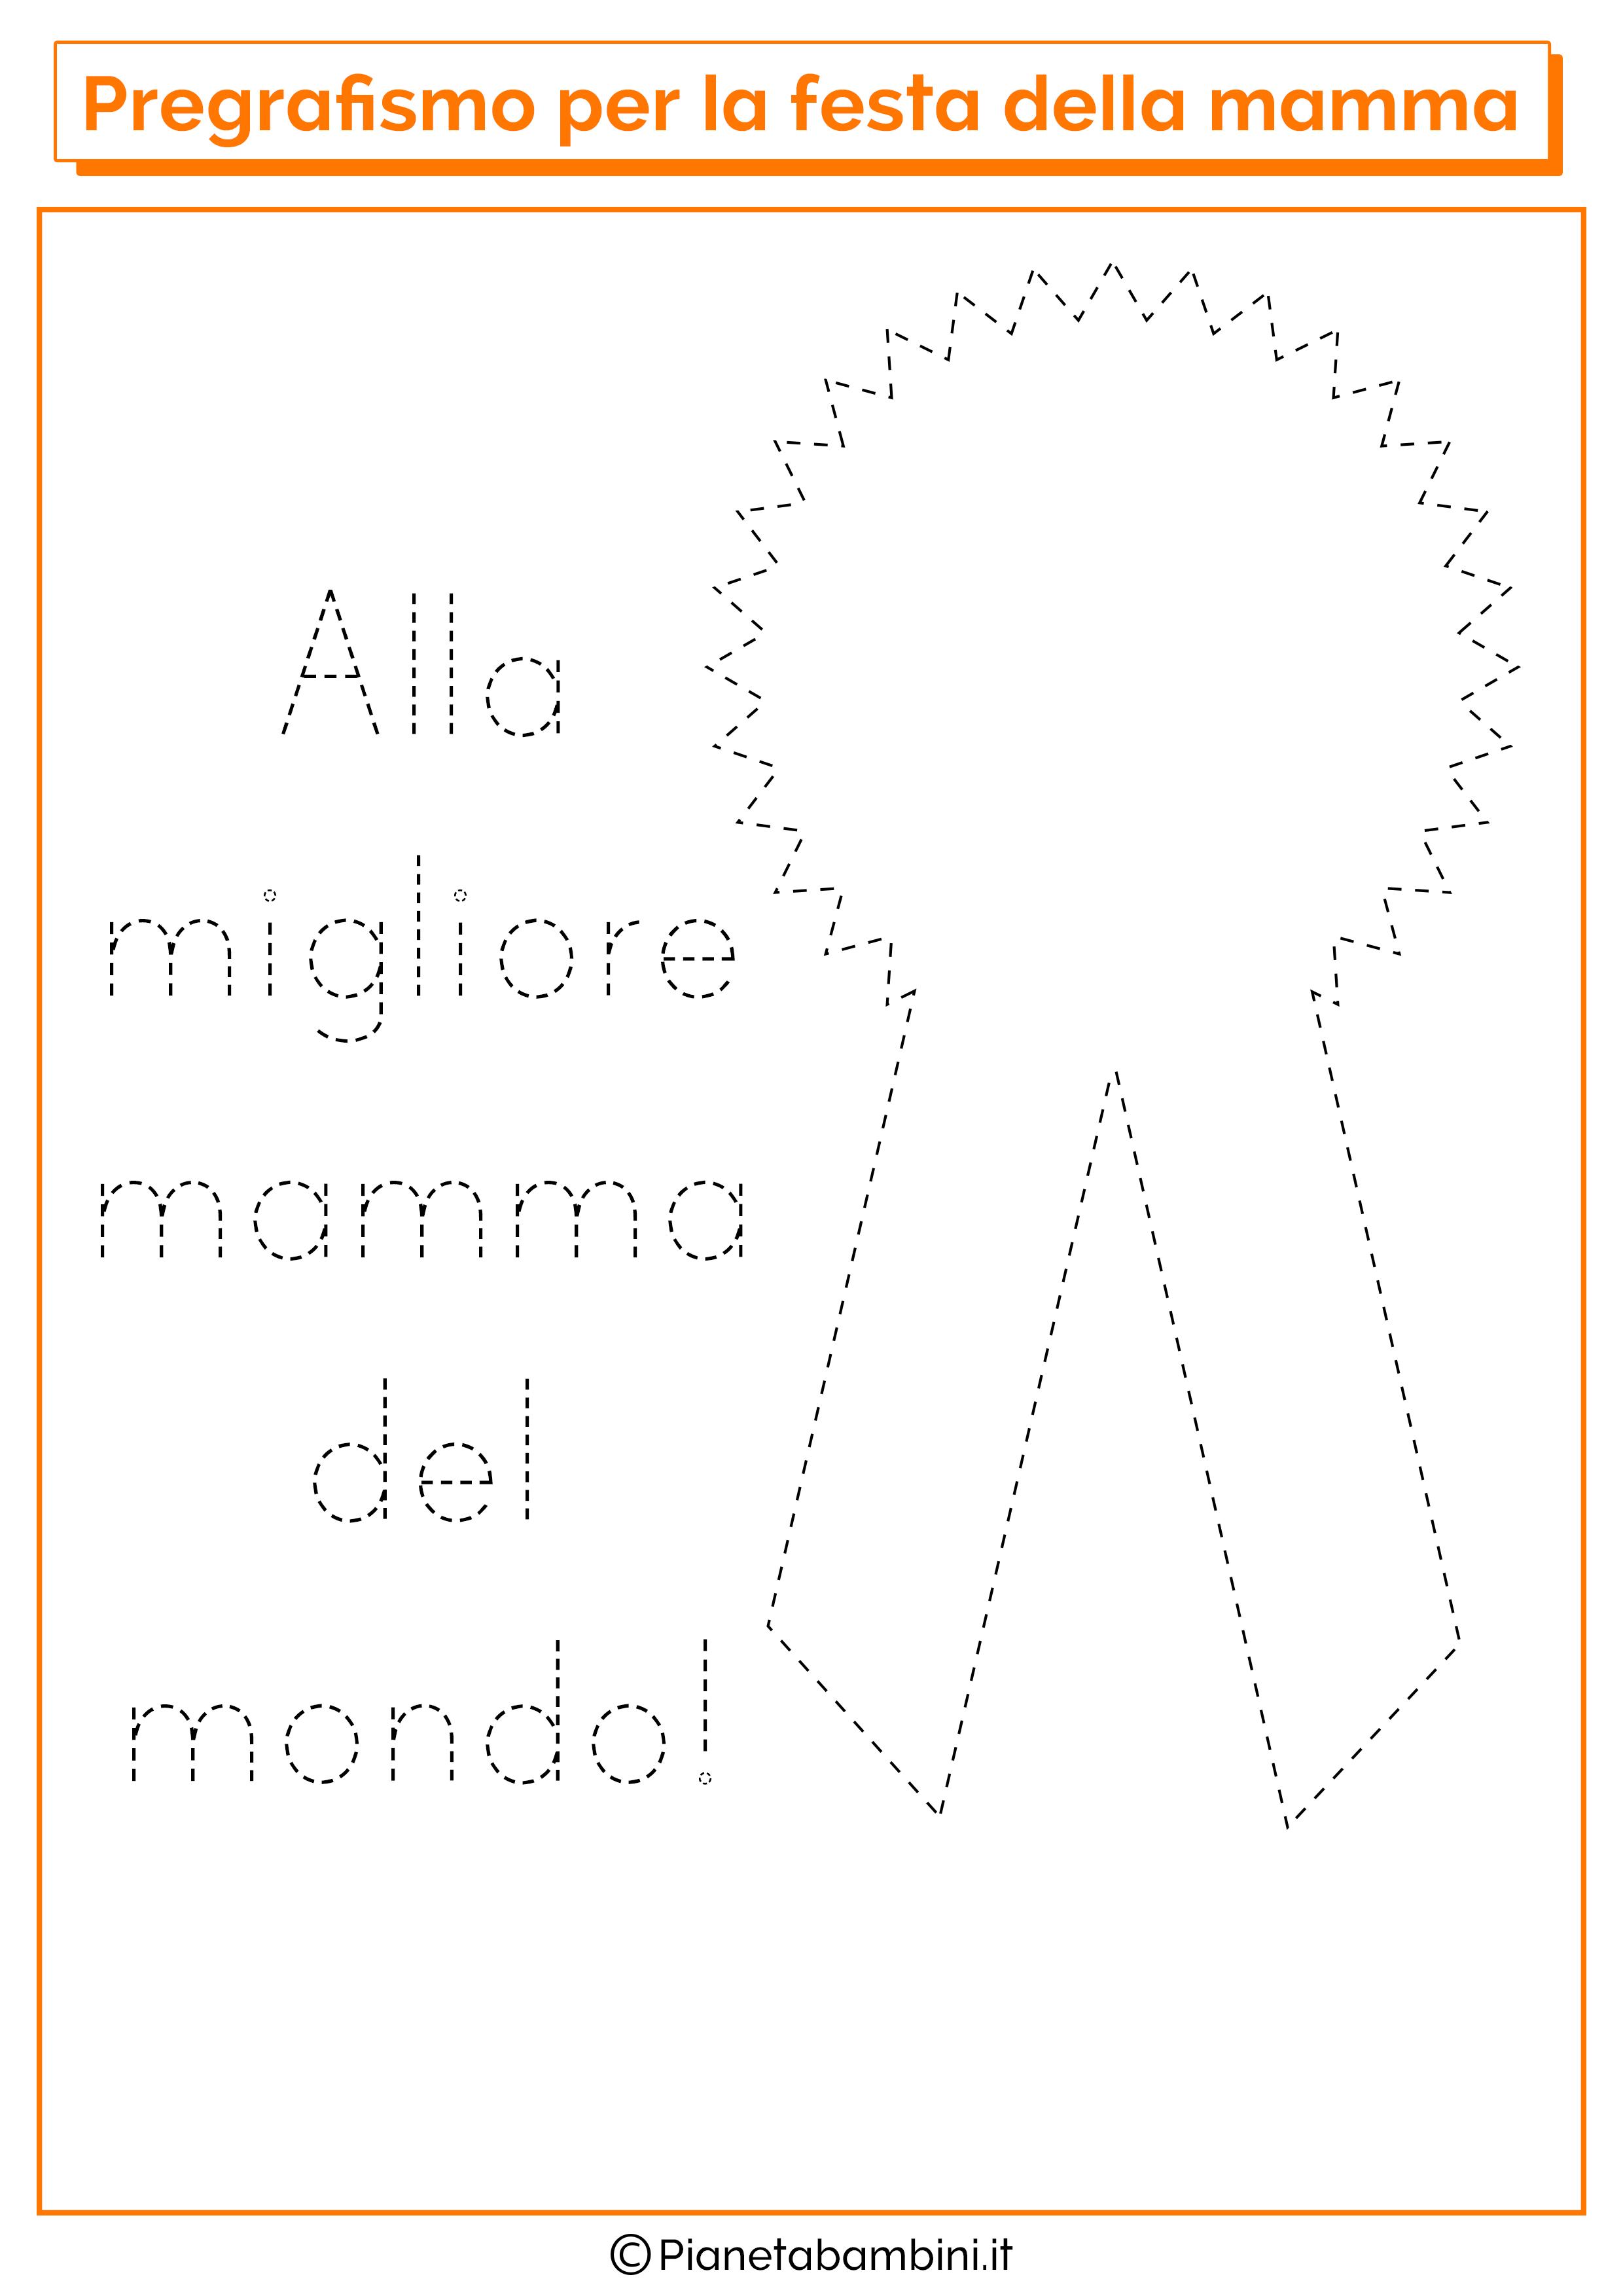 Pregrafismo-Festa-Della-Mamma-07